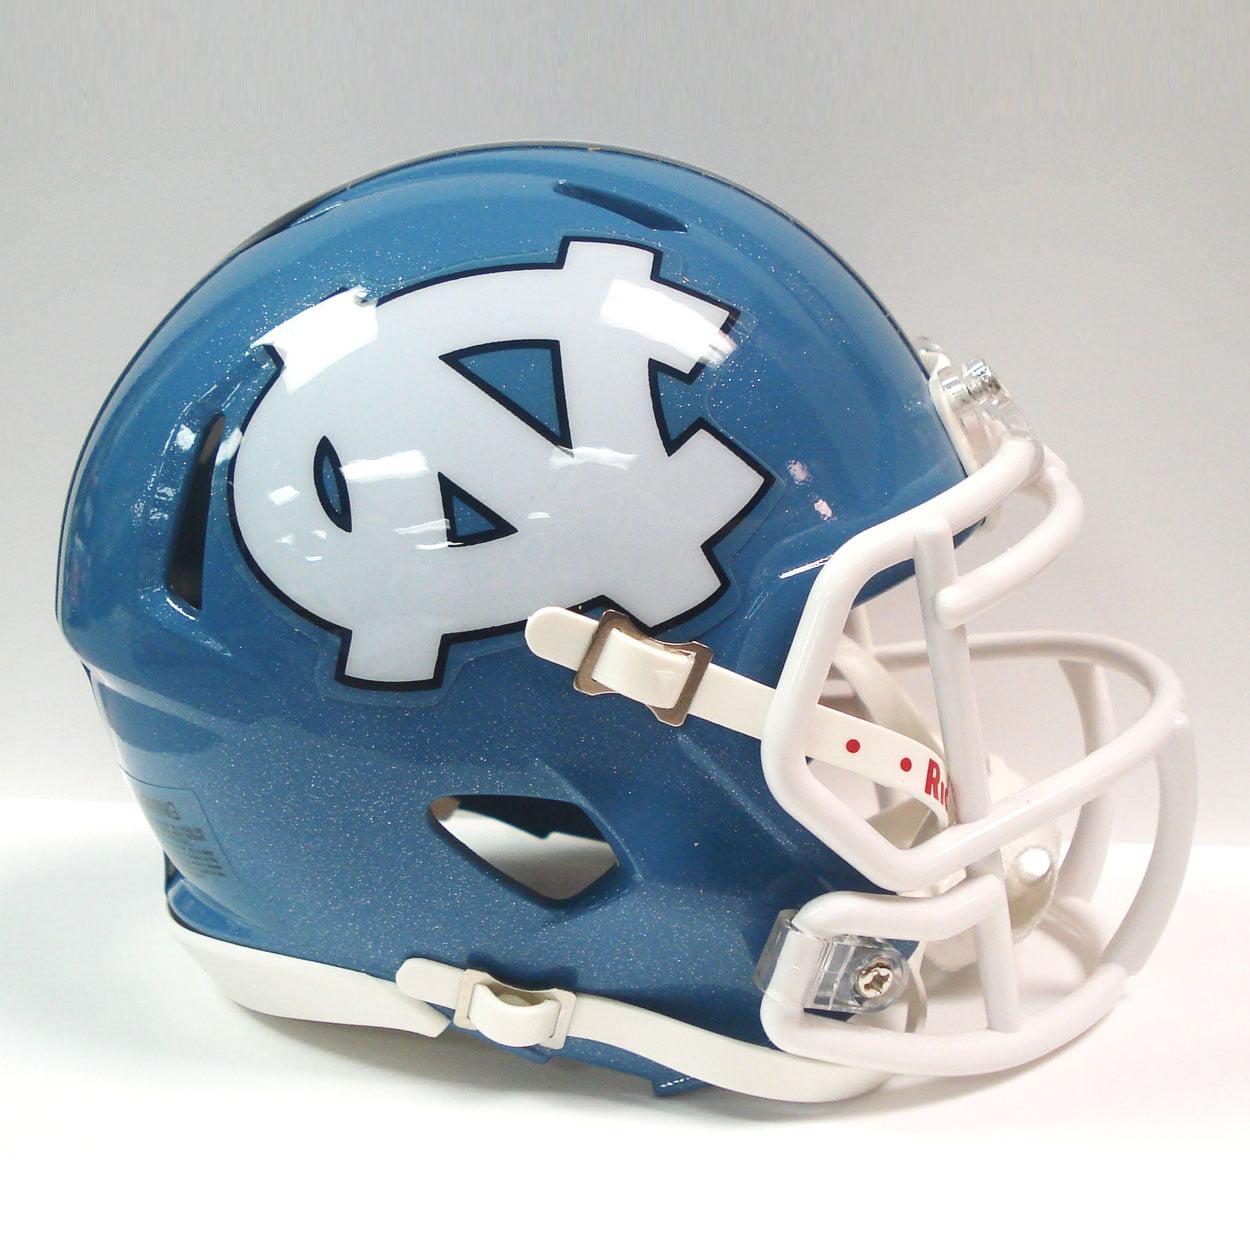 Riddell Miniature Ncaa Speed Helmet U of North Carolina